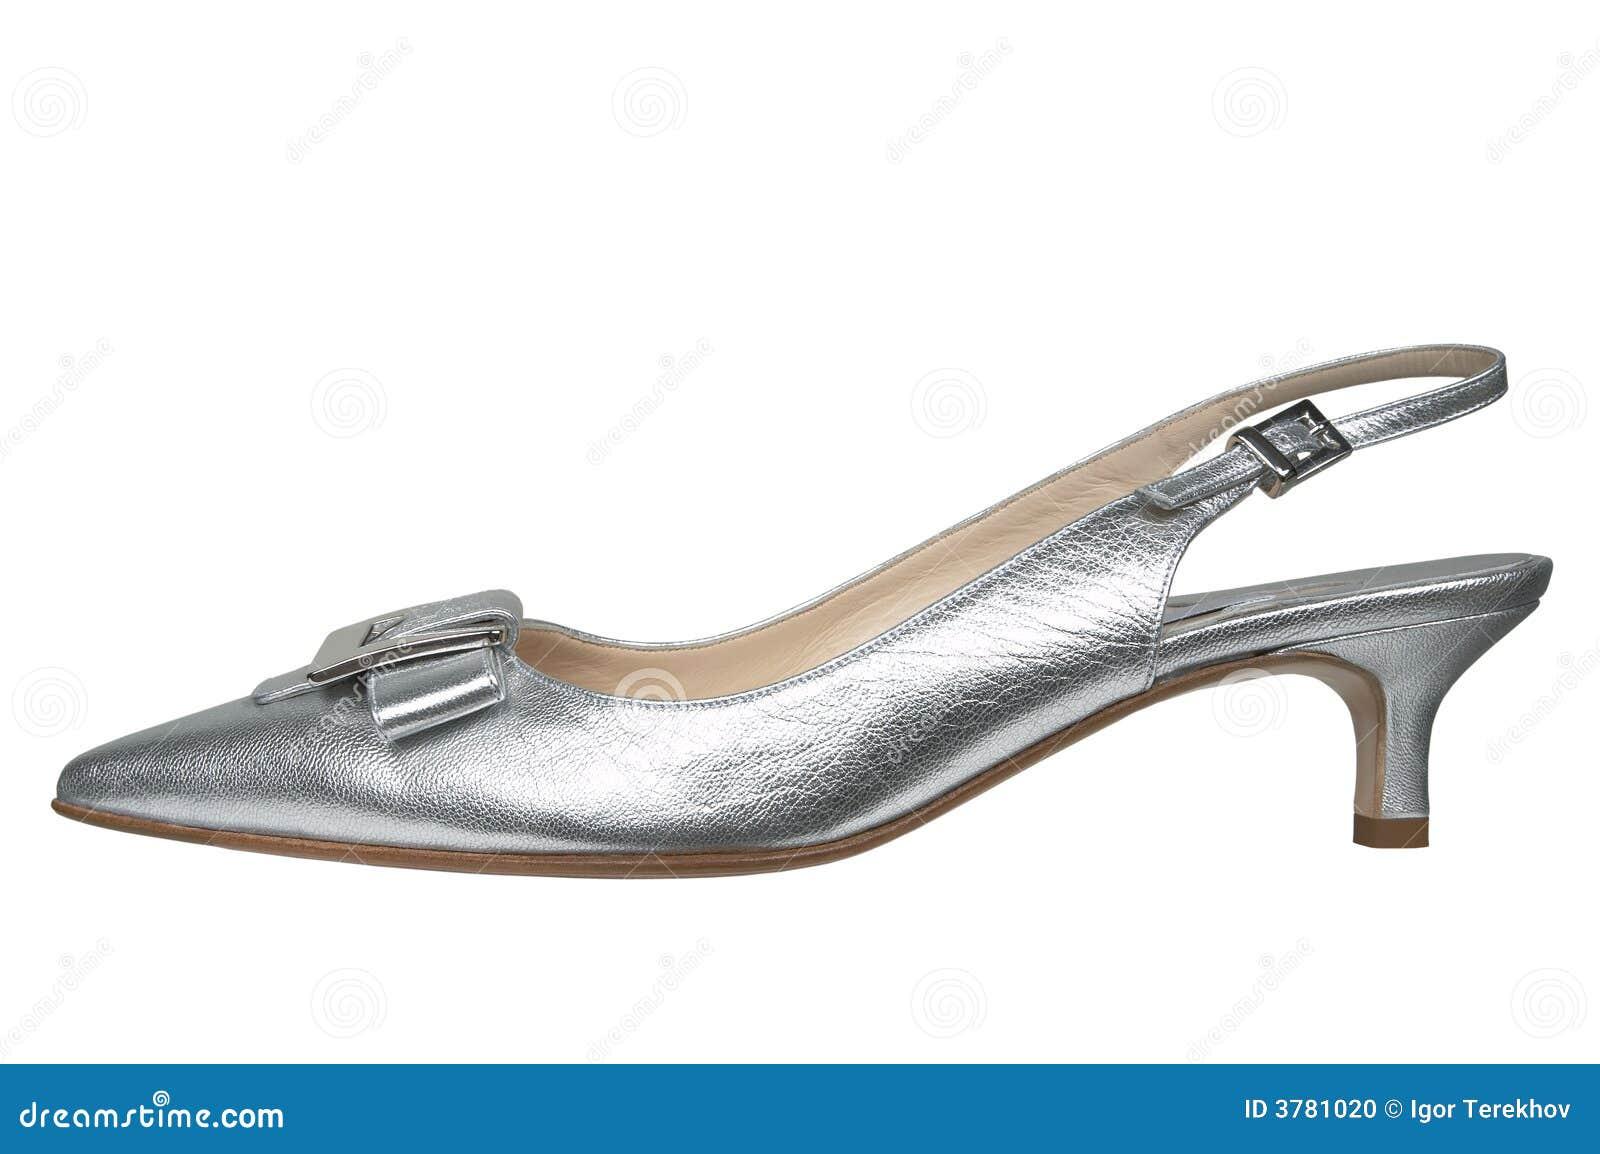 ac029b275d4c6a Weibliche silberne Schuhe stockfoto. Bild von sensuality - 3781020